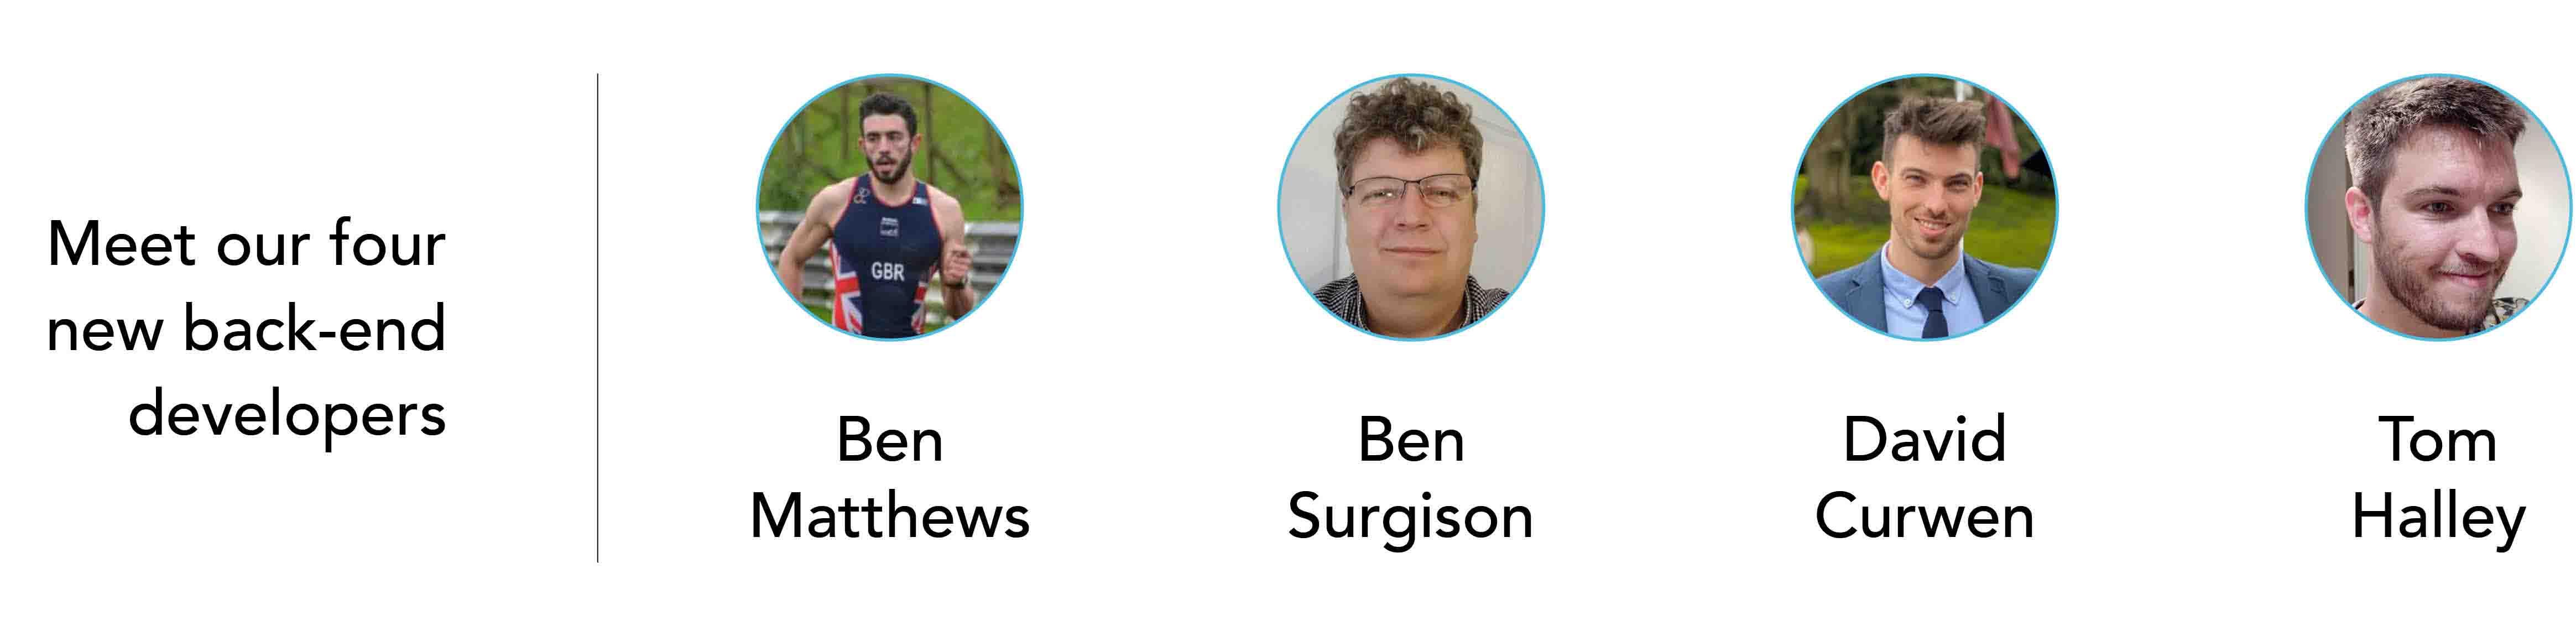 Meet our latest recruits – Ben Matthews, Ben Surgison, David Curwen and Tom Halley!